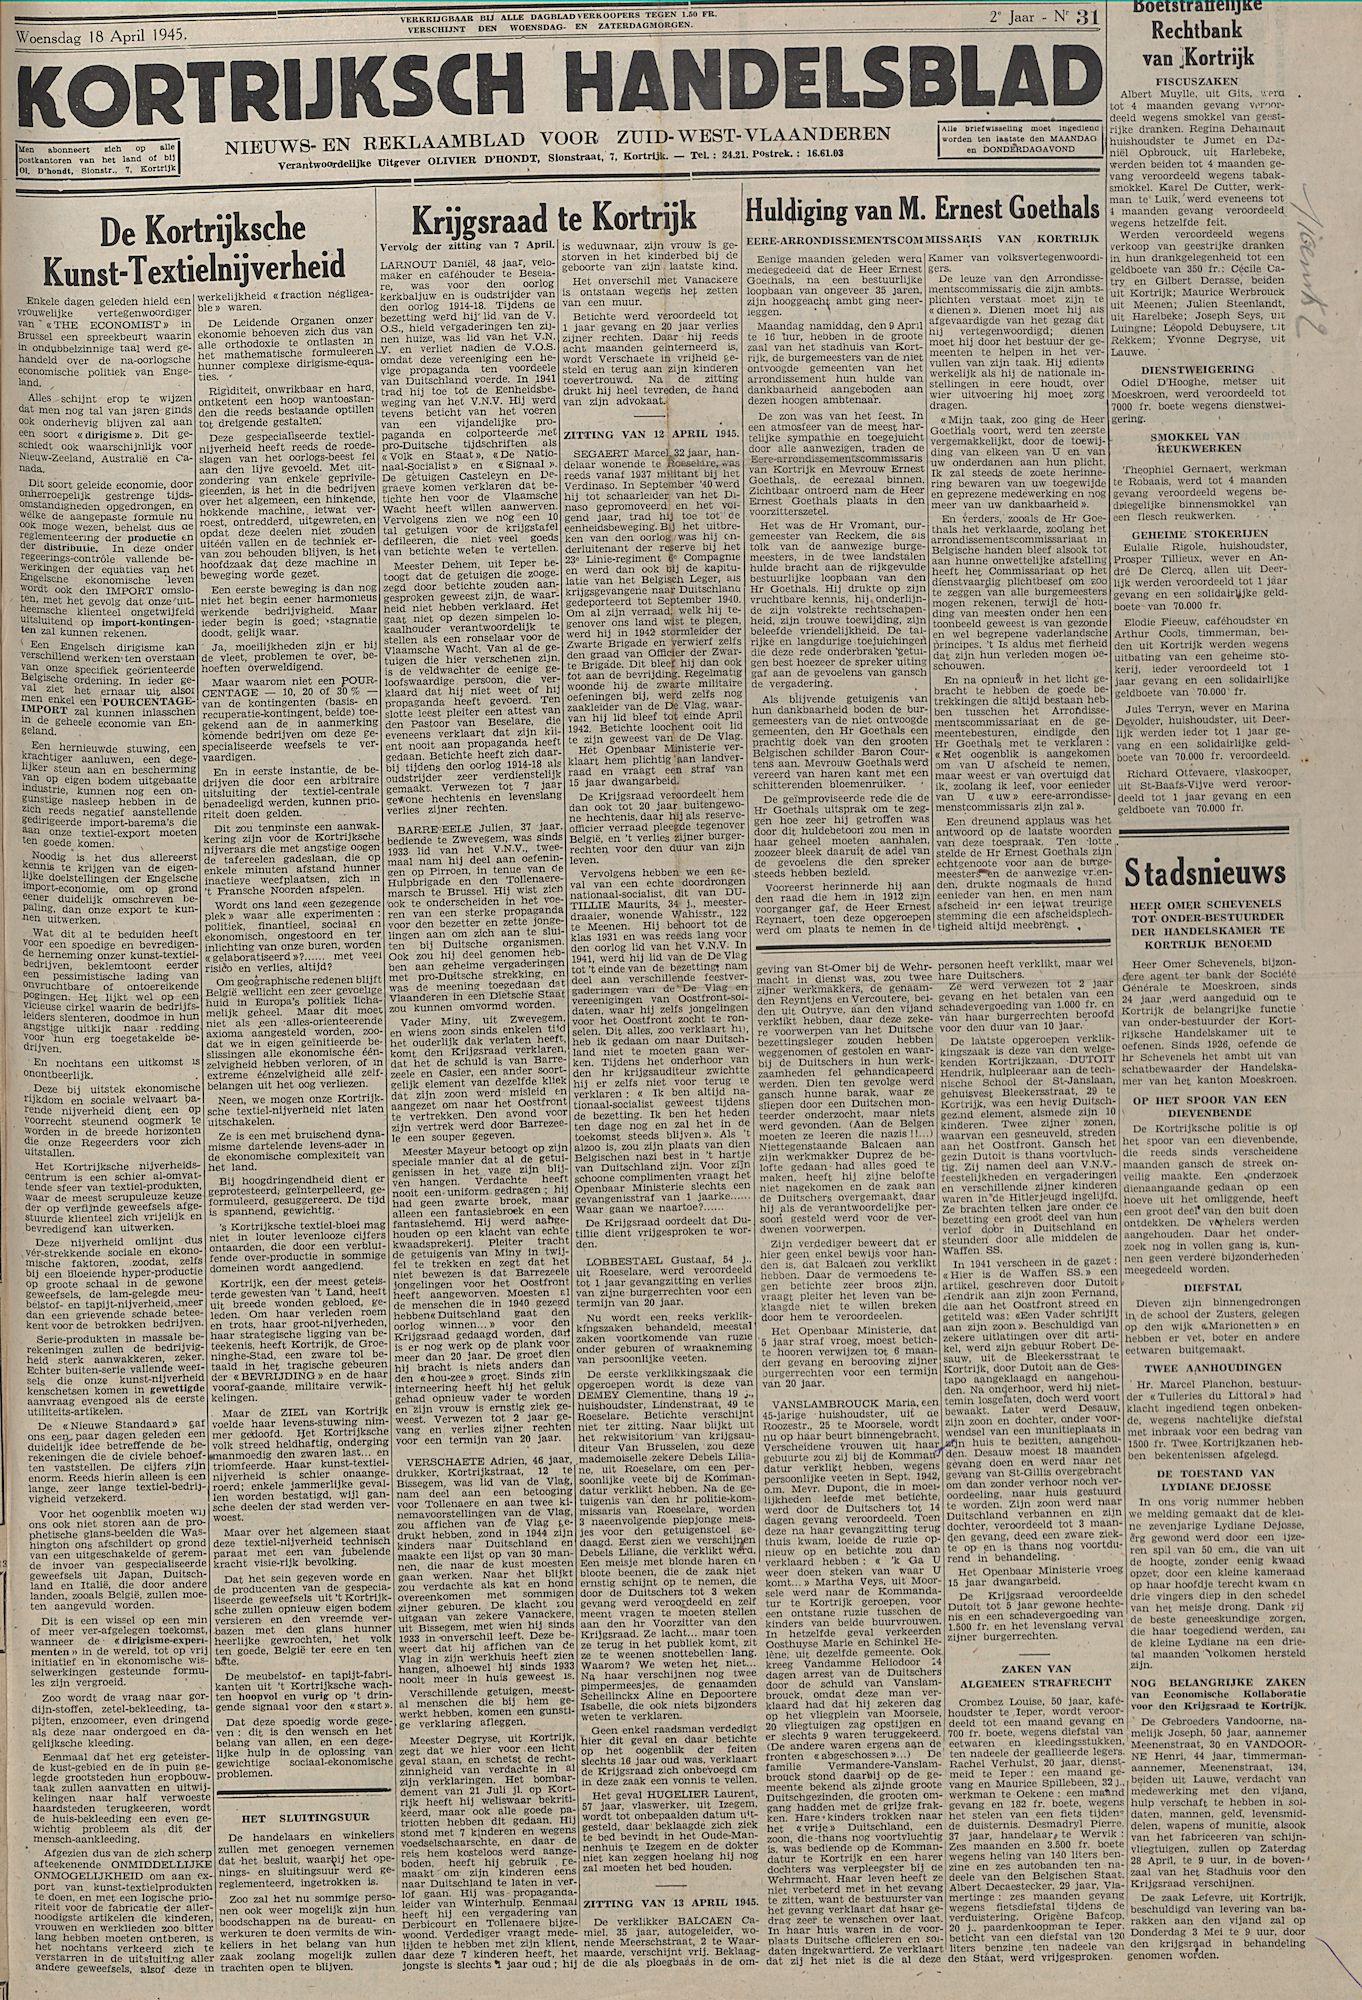 Kortrijksch Handelsblad18 april 1945 N31 p1